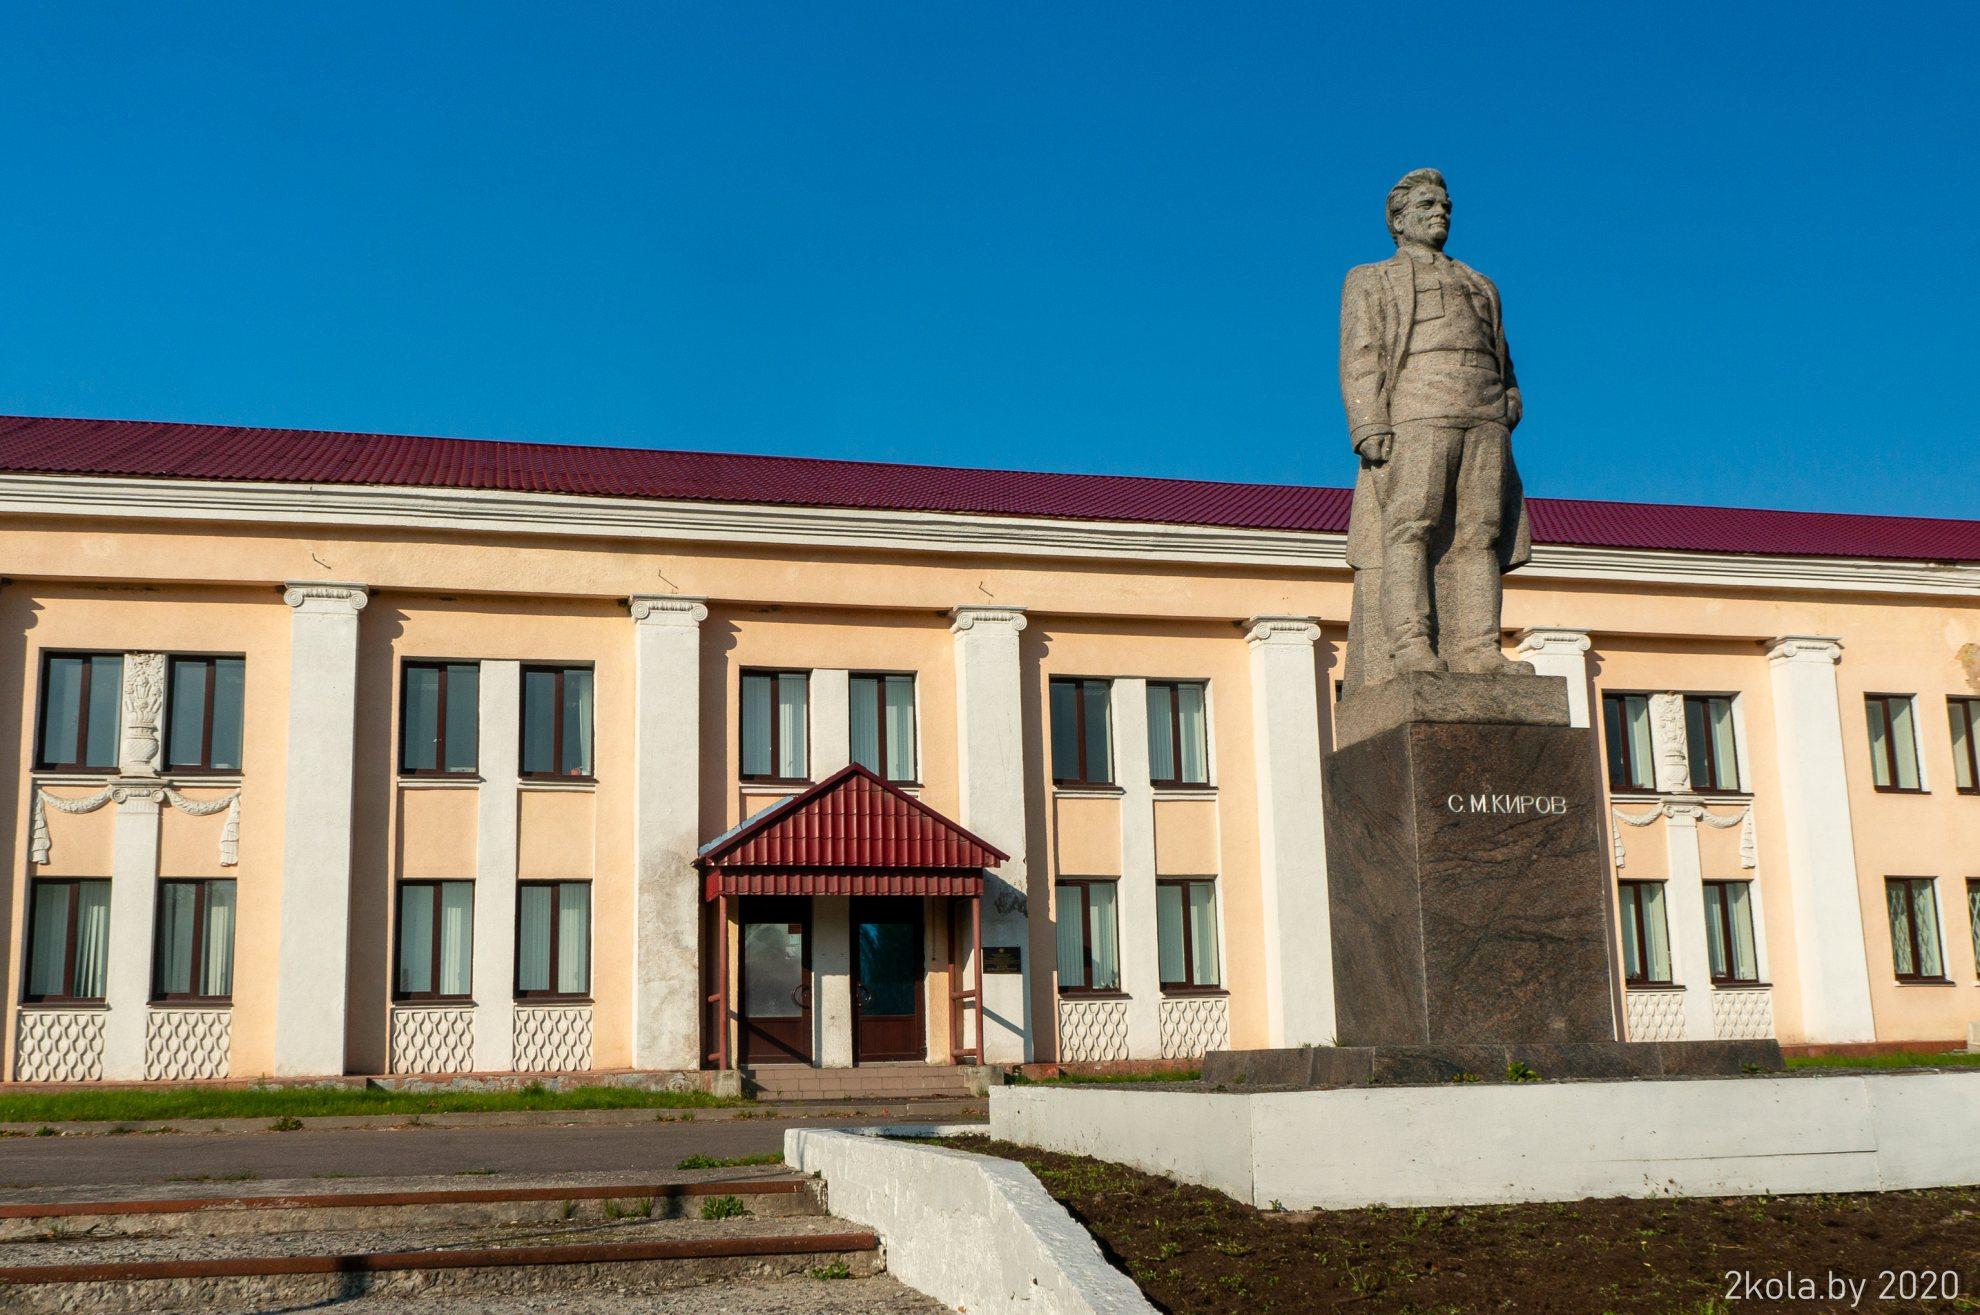 Памятники Кирову в г. Сланцы